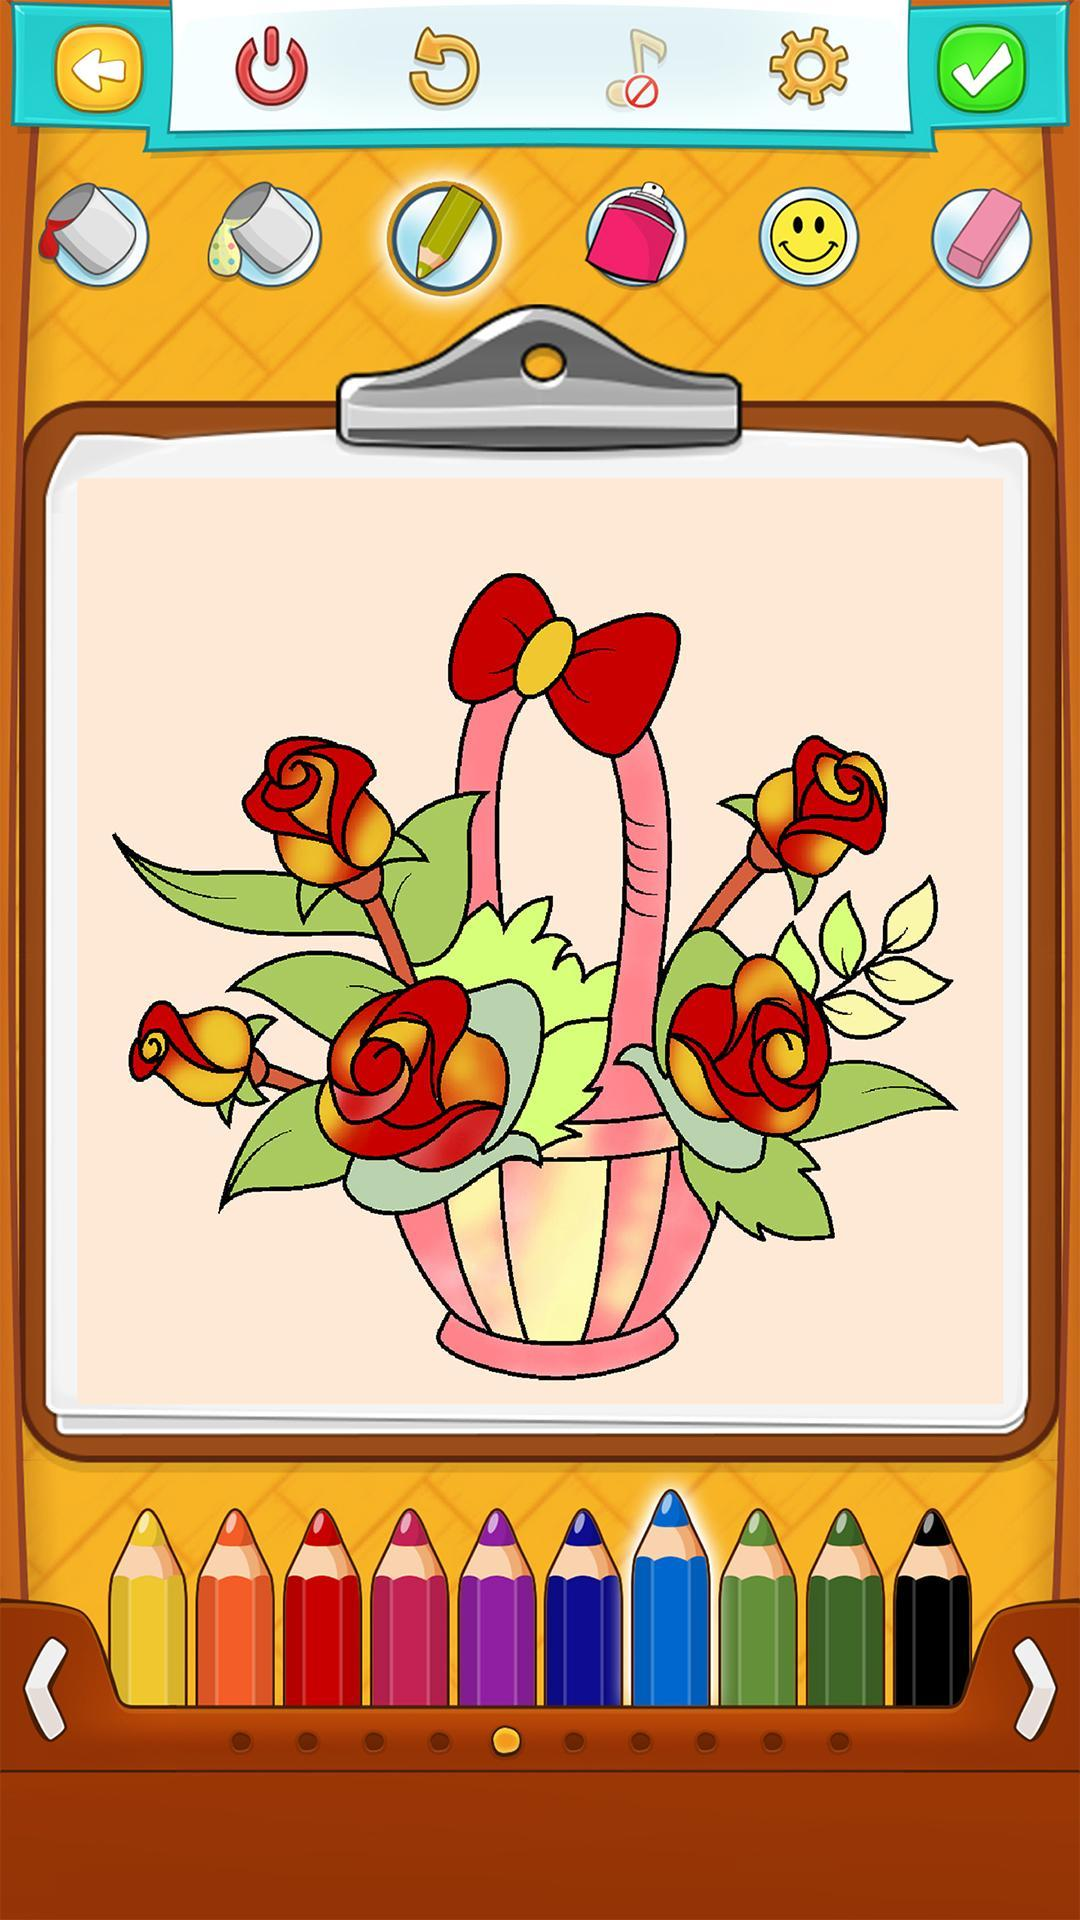 Mewarnai Gambar Bunga For Android APK Download